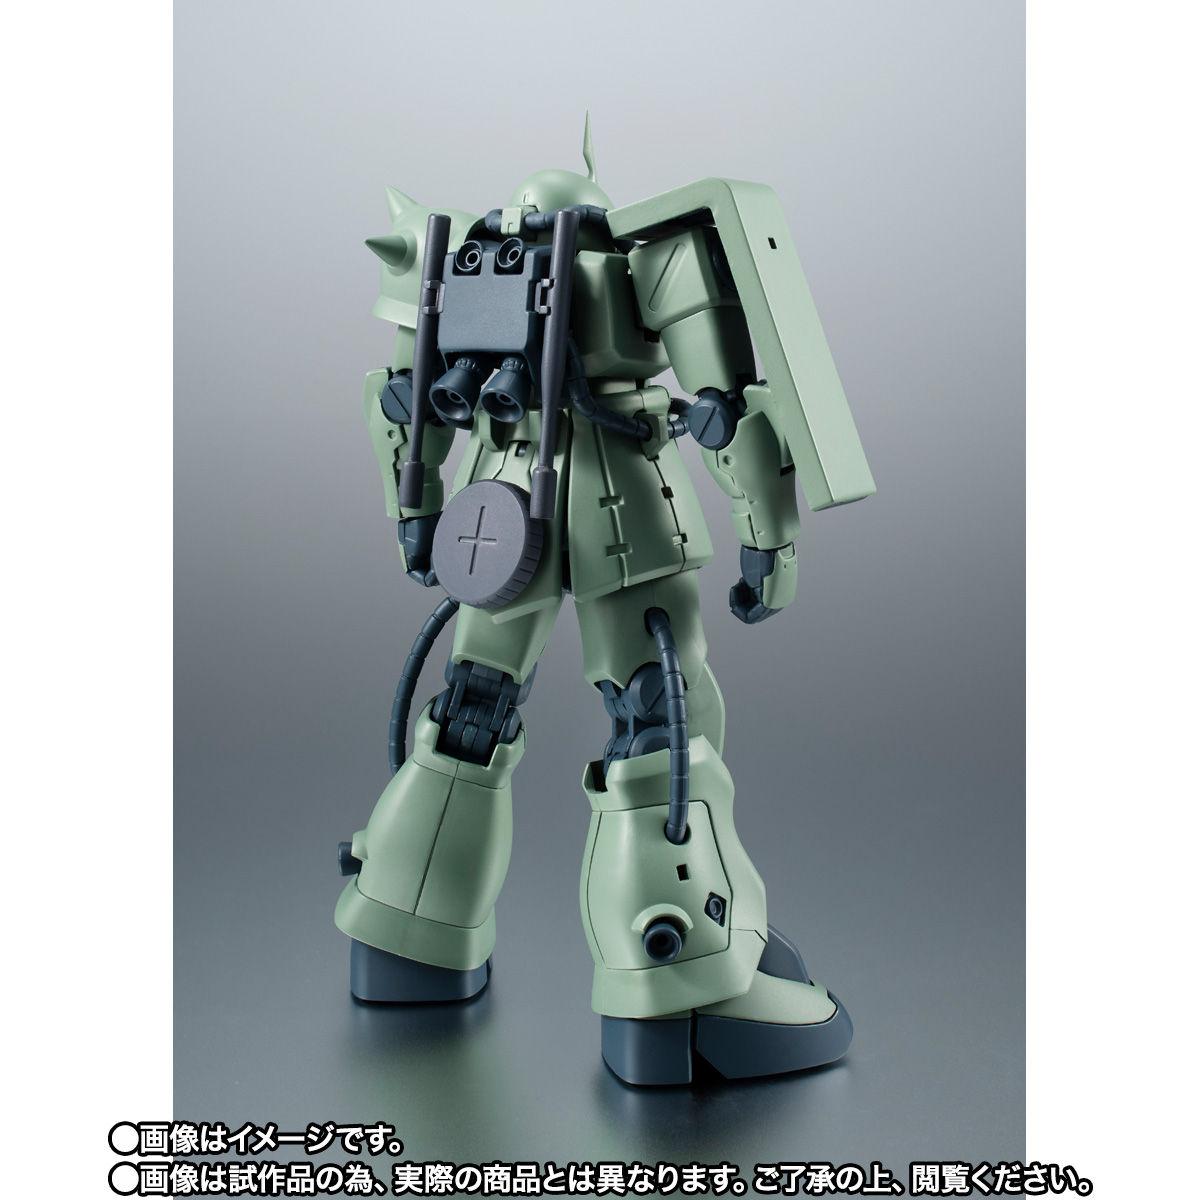 【限定販売】ROBOT魂〈SIDE MS〉『MS-06F-2 ザクII F2型(ノイエン・ビッター)ver. A.N.I.M.E.』ガンダム0083 可動フィギュア-003